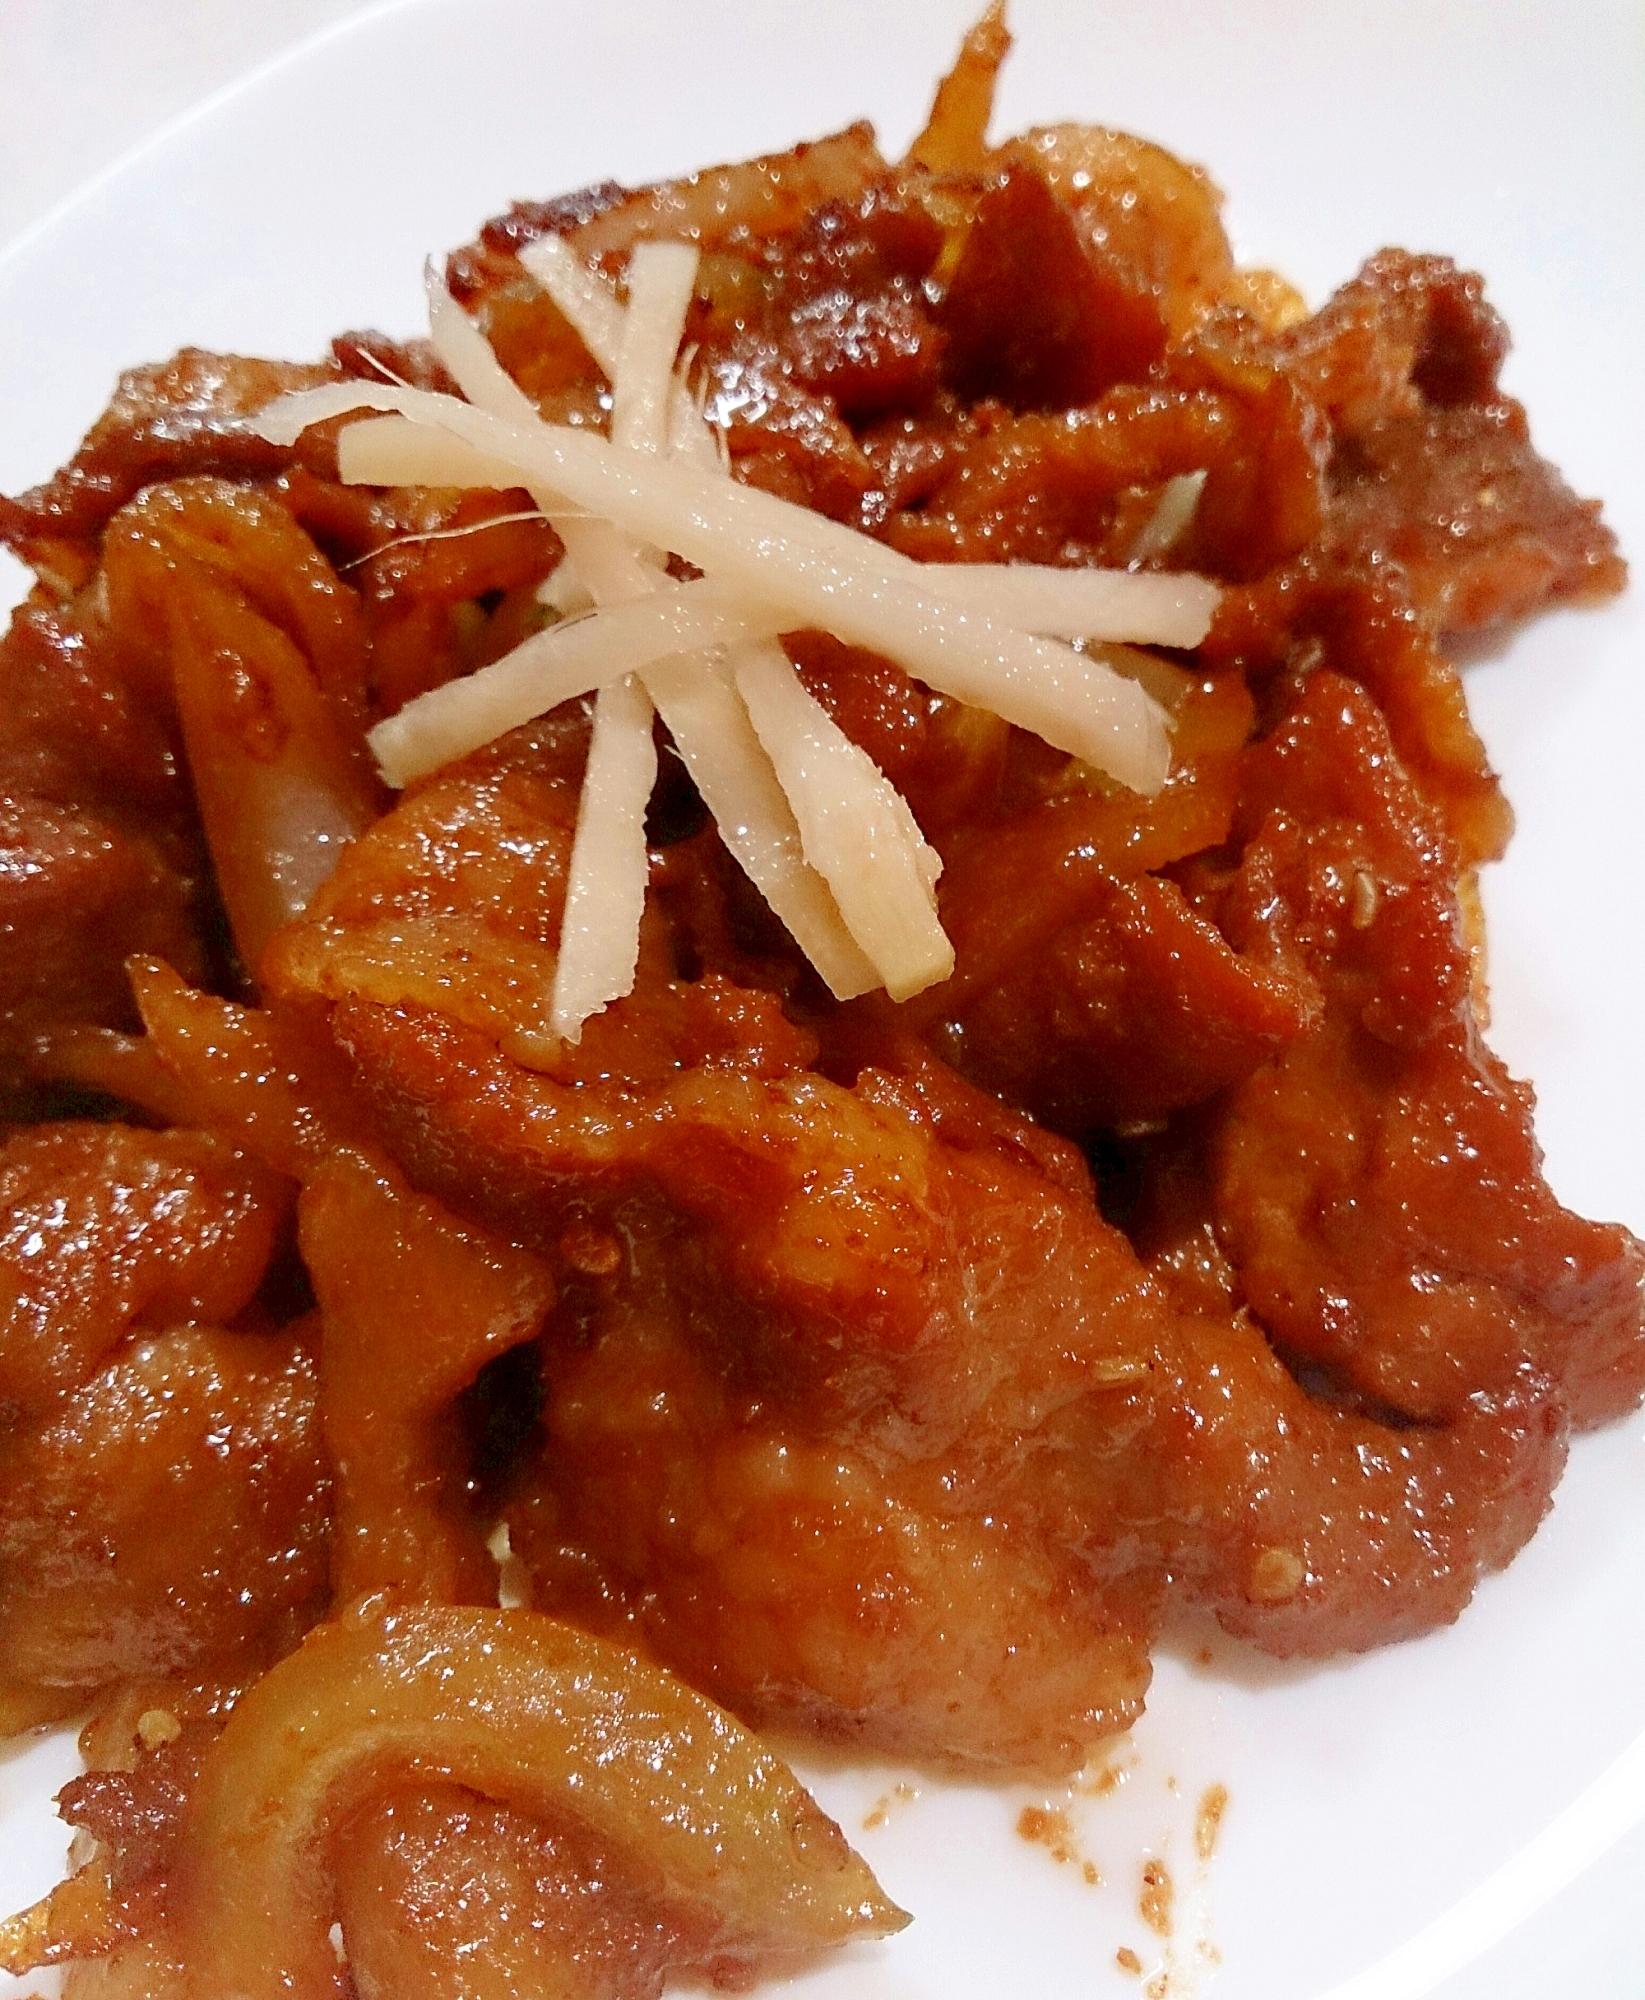 爽やかな後味が美味しい豚肉の甘酢しょうが焼き